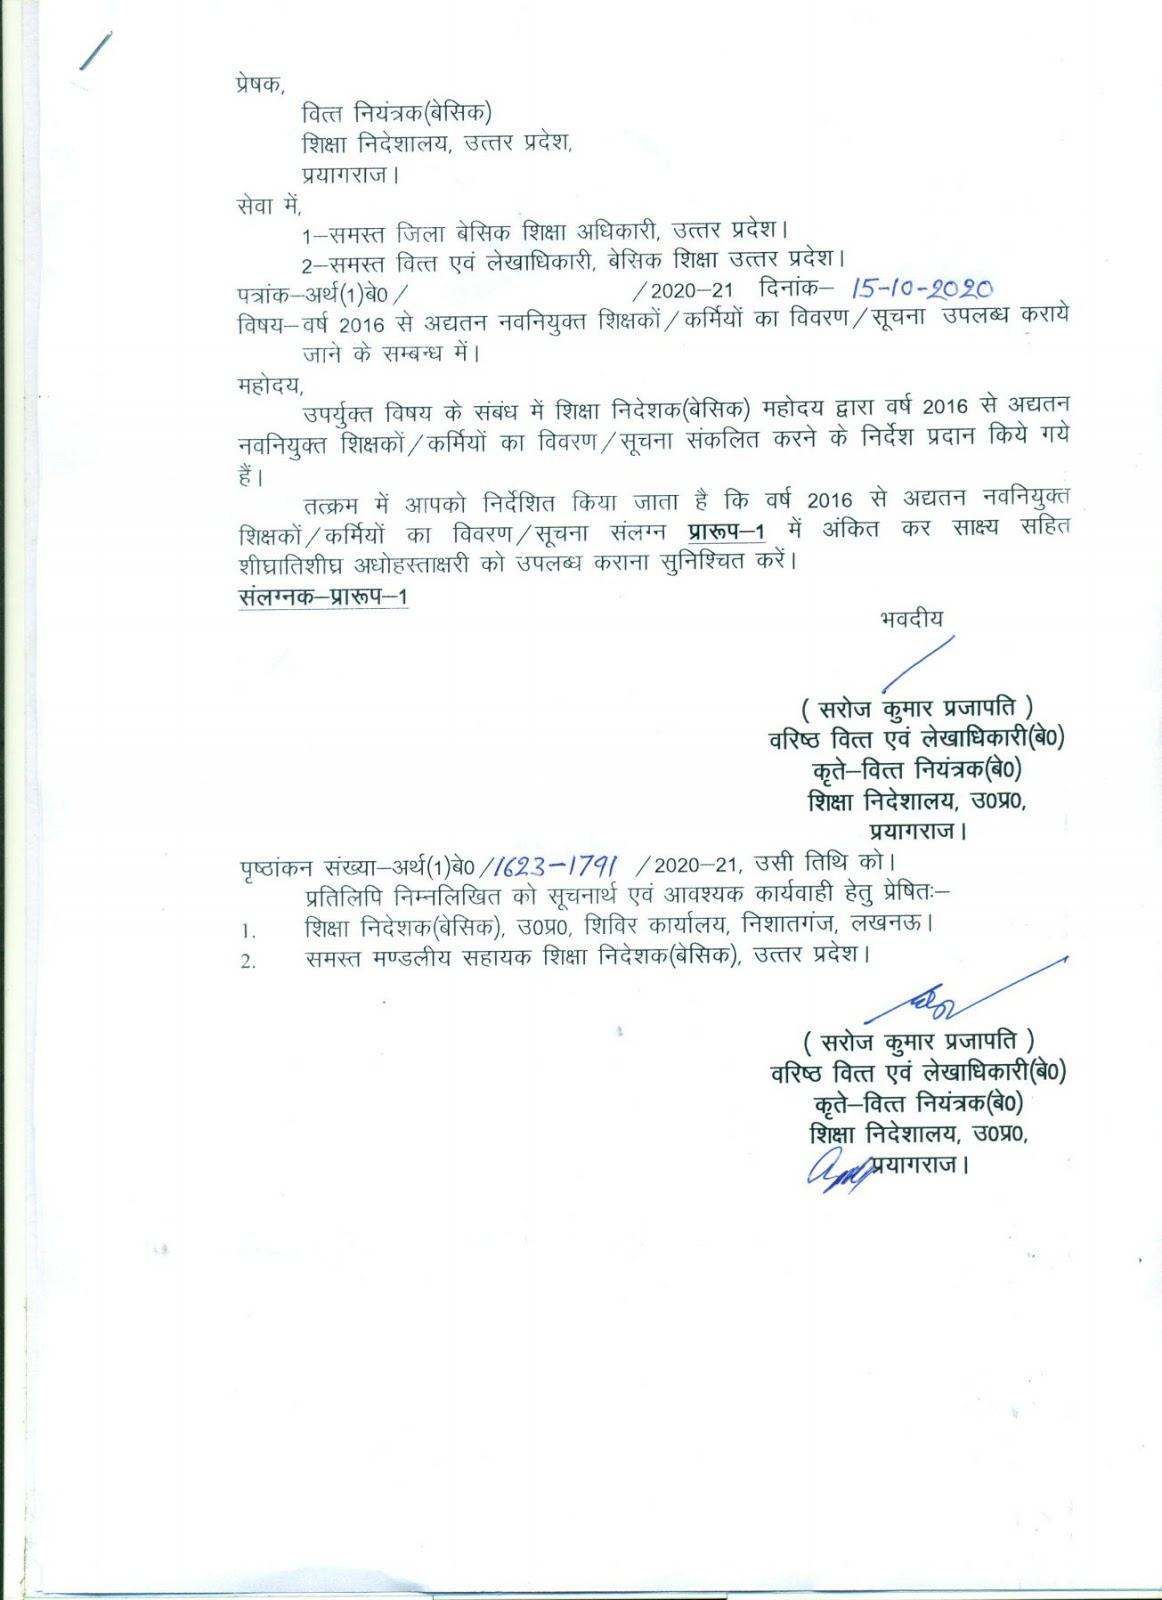 वर्ष 2016 से अद्यतन नवनियुक्त शिक्षकों/कर्मियों का विवरण/सूचना उपलब्ध कराने के संबंध वित्त नियंत्रक ( बेसिक) का पत्र जारी